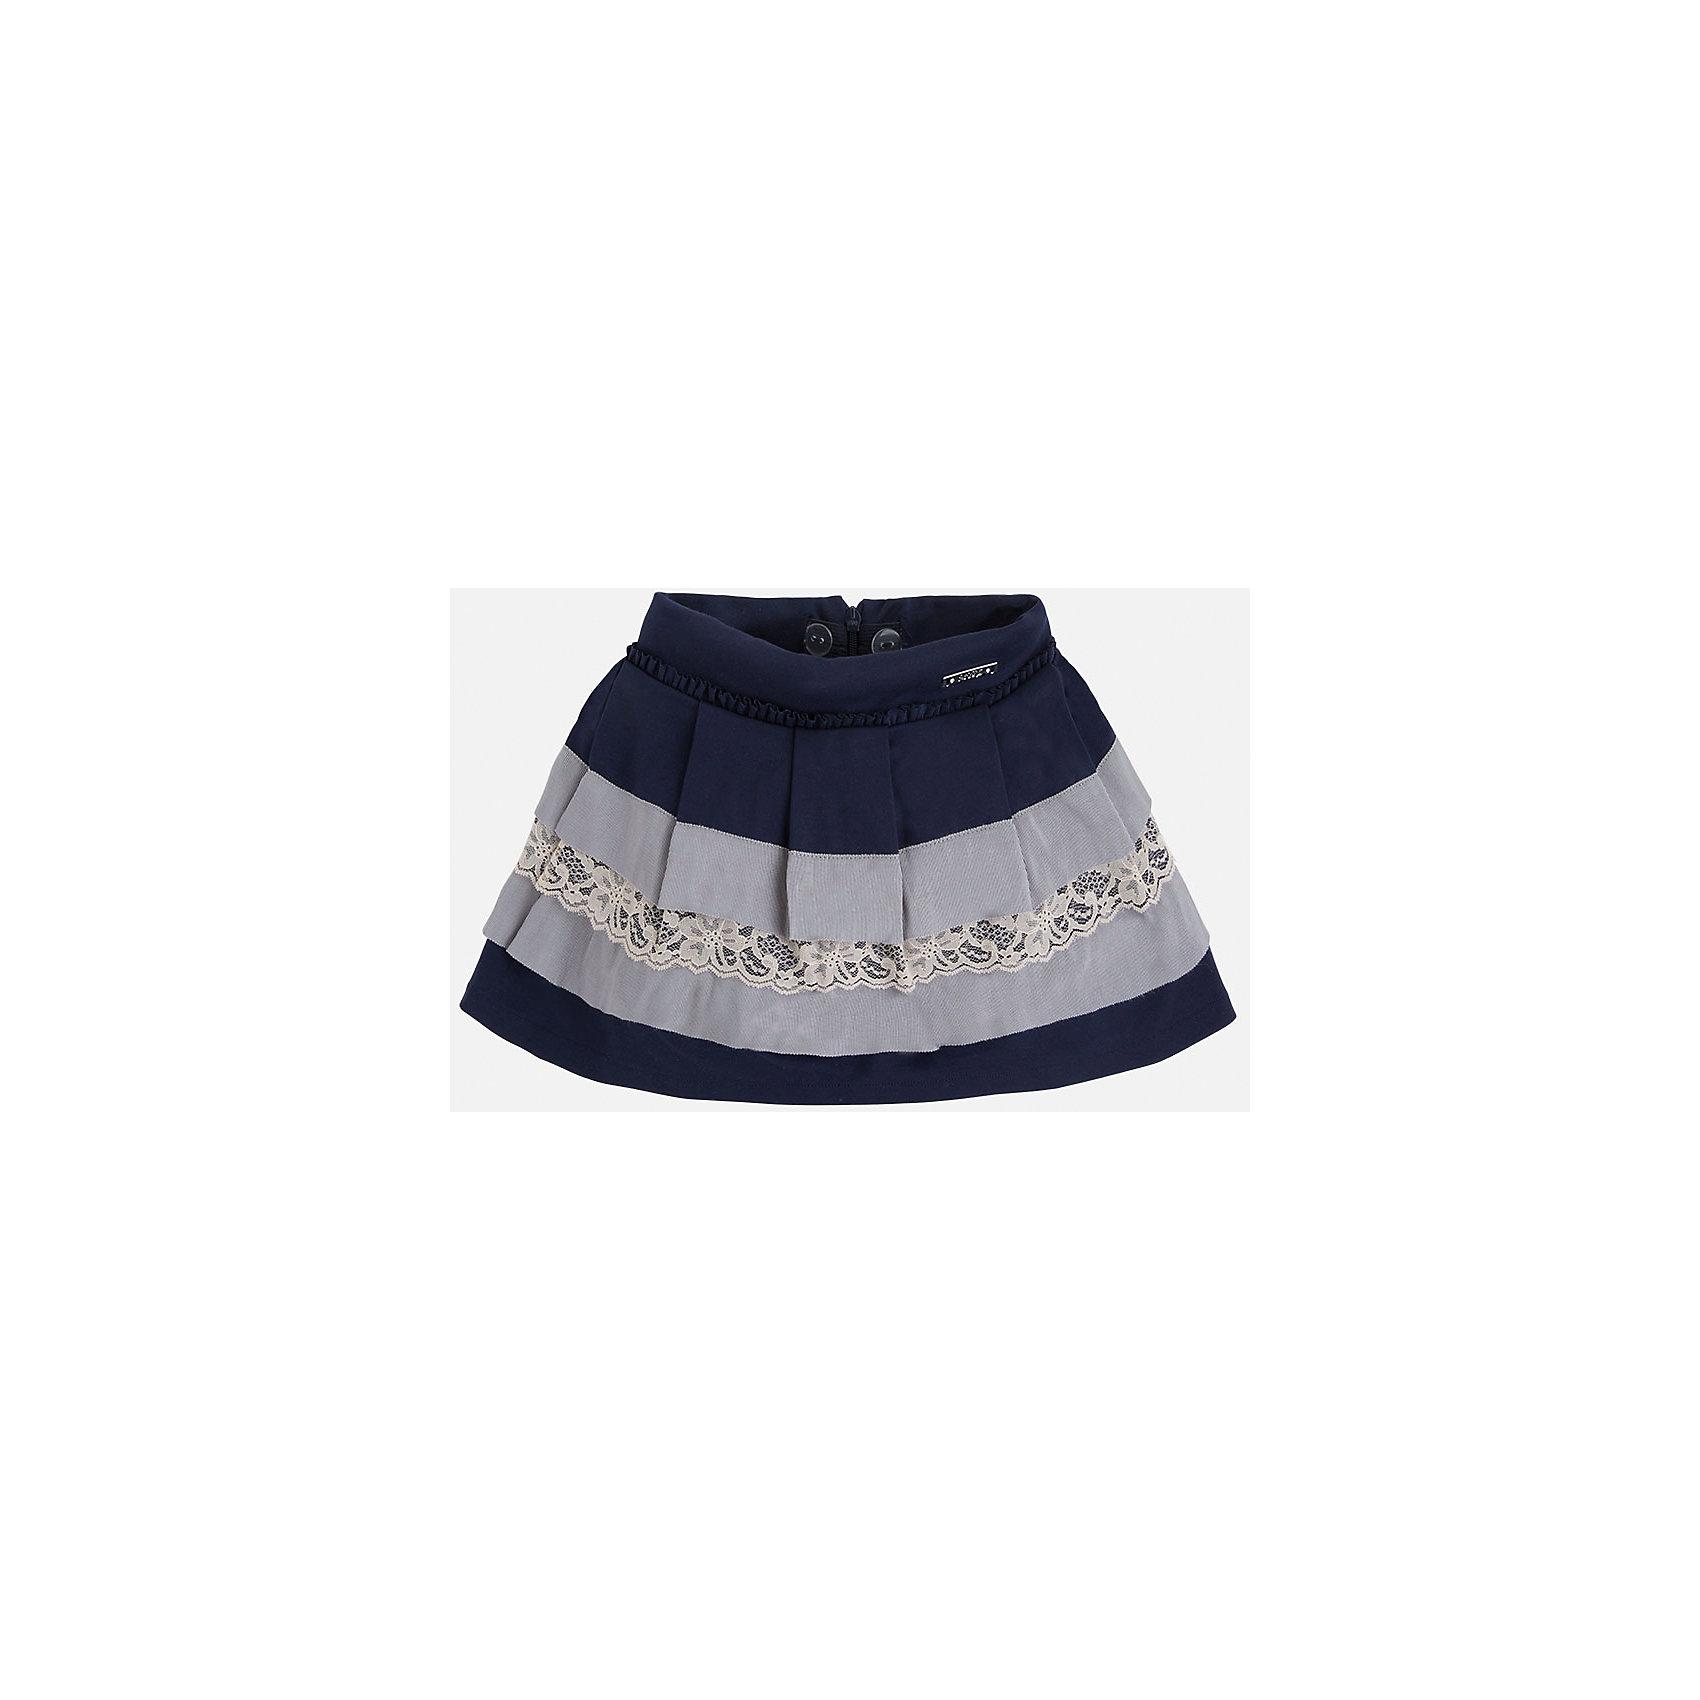 Юбка для девочки MayoralЮбка для девочка от известного испанского бренда Mayoral(Майорал). Модель изготовлена из качественных материалов, приятных на ощупь. Юбка застегивается на молнию, украшена оборками, нежными кружевами. Контрастный дизайн юбки отлично смотрится на юной моднице!<br>Дополнительная информация:<br>-сзади застегивается на молнию<br>-украшена кружевами и оборками<br>-цвет: синий/серый<br>-состав: 71% вискоза, 26% полиамид, 3% эластан; подкладка: 80% полиэстер, 20% хлопок<br>Юбку Mayoral(Майорал) можно приобрести в нашем интернет-магазине.<br><br>Ширина мм: 207<br>Глубина мм: 10<br>Высота мм: 189<br>Вес г: 183<br>Цвет: синий<br>Возраст от месяцев: 36<br>Возраст до месяцев: 48<br>Пол: Женский<br>Возраст: Детский<br>Размер: 104,134,128,122,116,98,110<br>SKU: 4844247